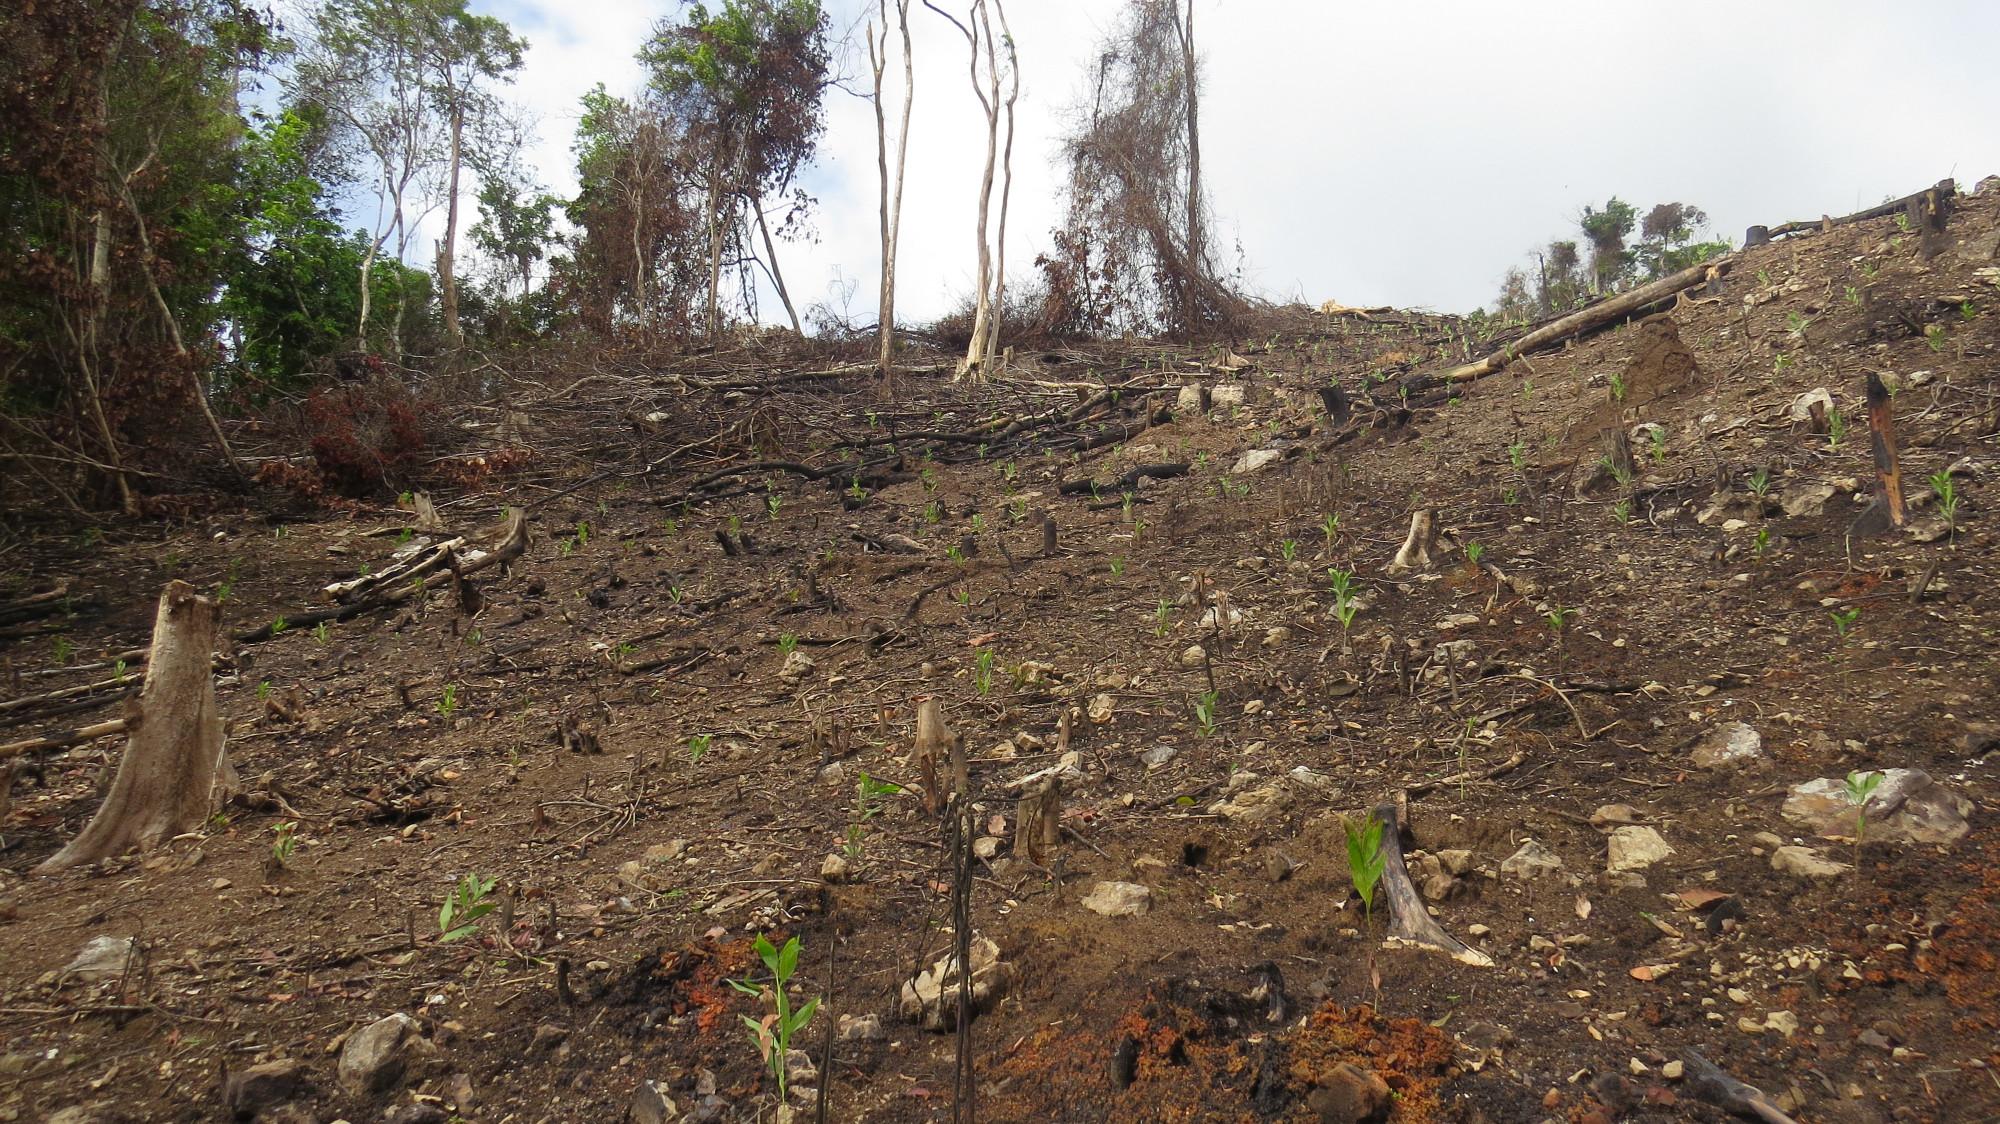 Cơ quan chức năng đang vào cuộc điều tra chuẩn bị khởi tố vụ án 1 vụ phá rừng để tìm đối tượng.